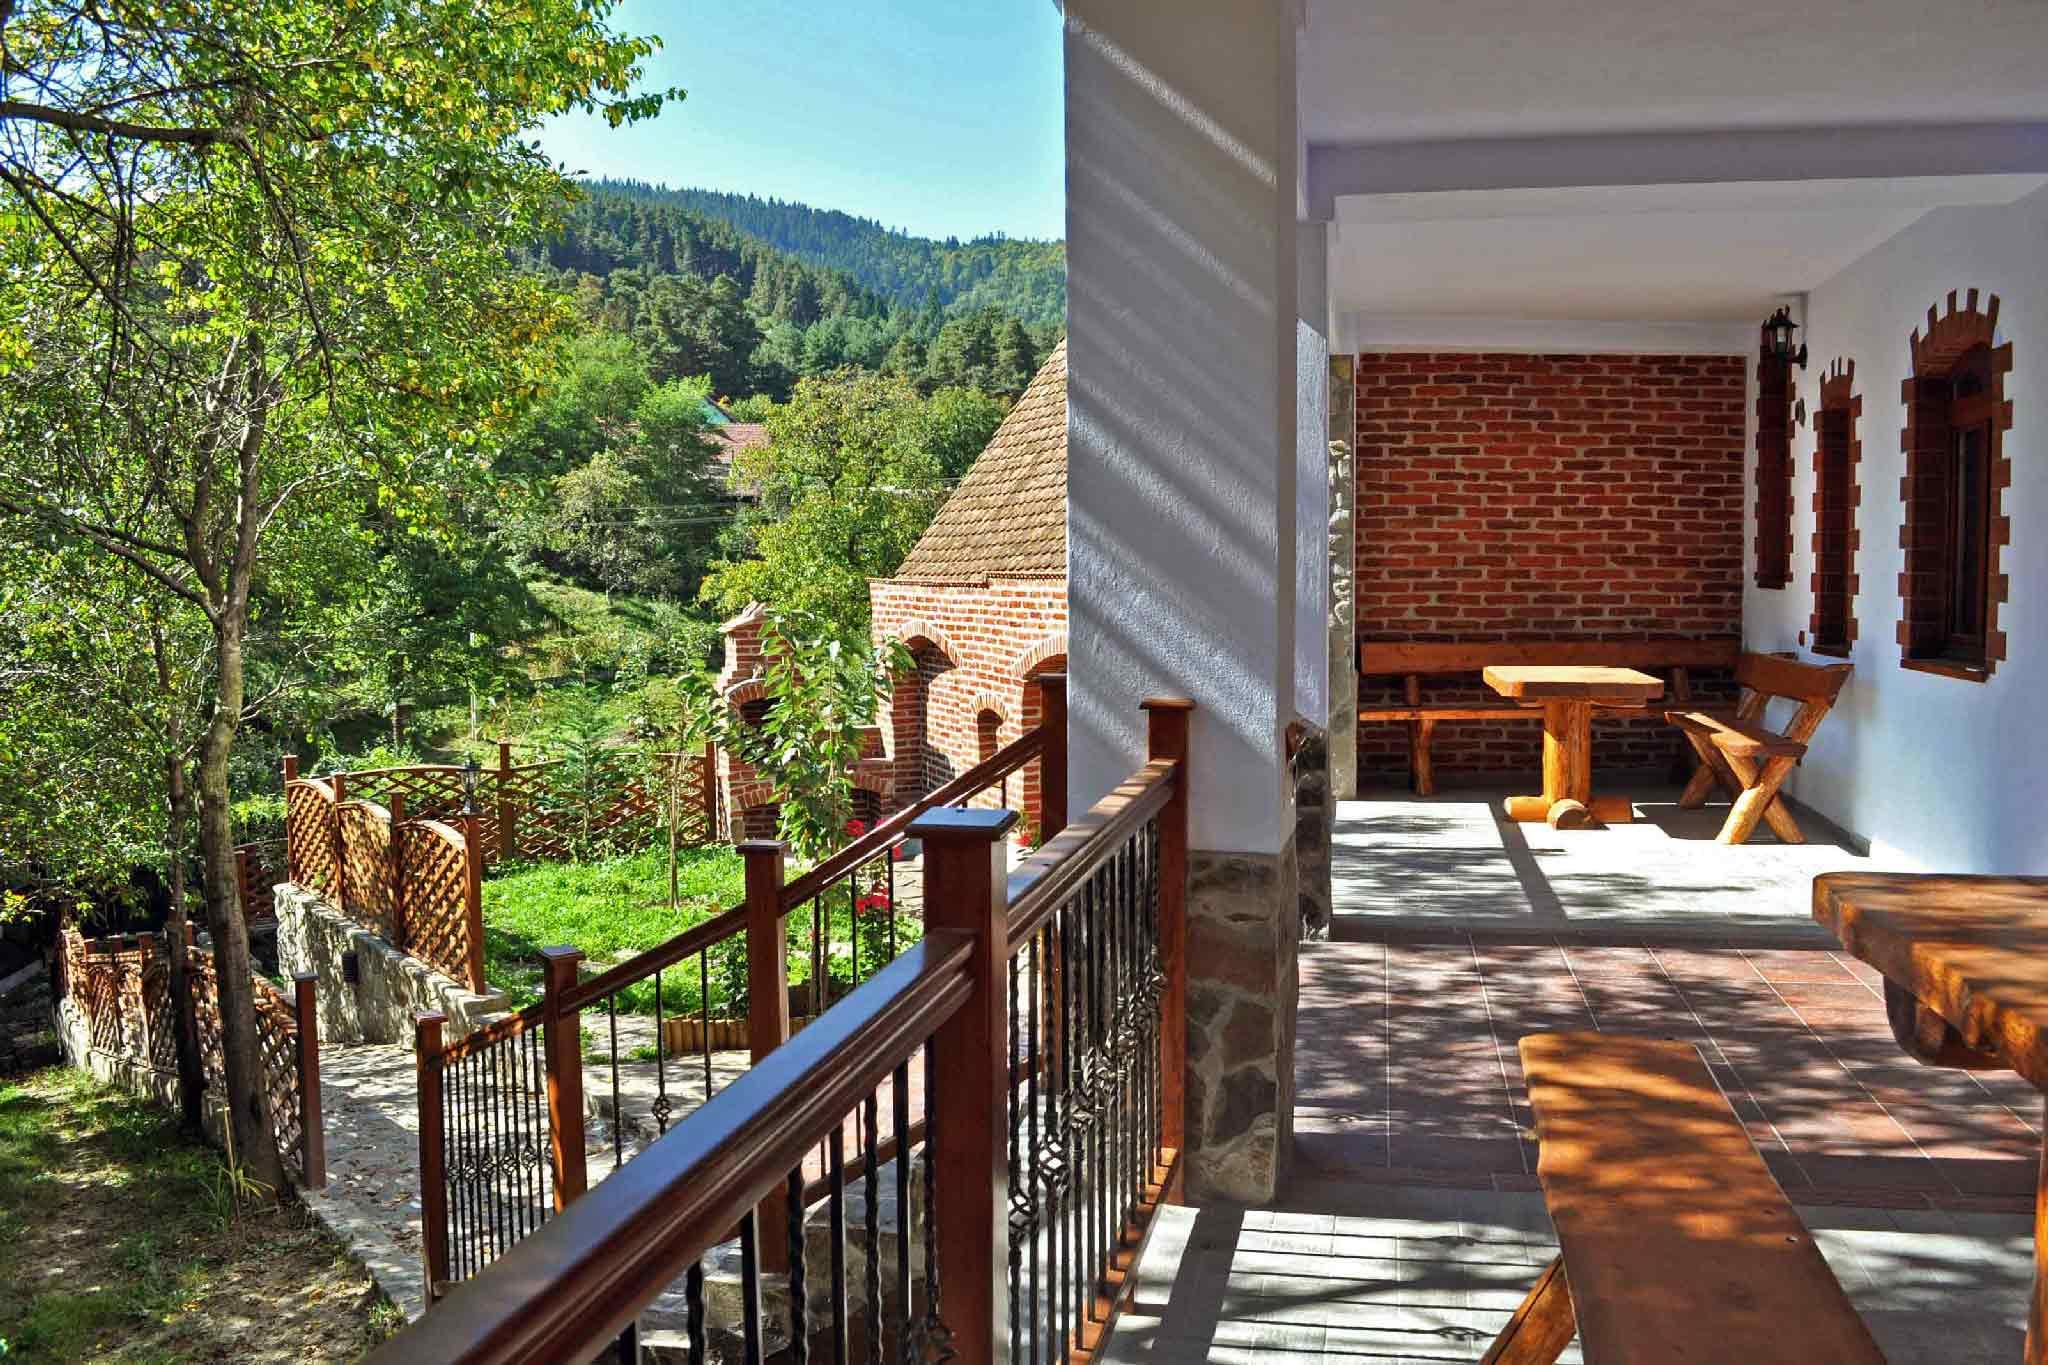 location villa vacances roumanie transylvanie aux carpates près de sibiu